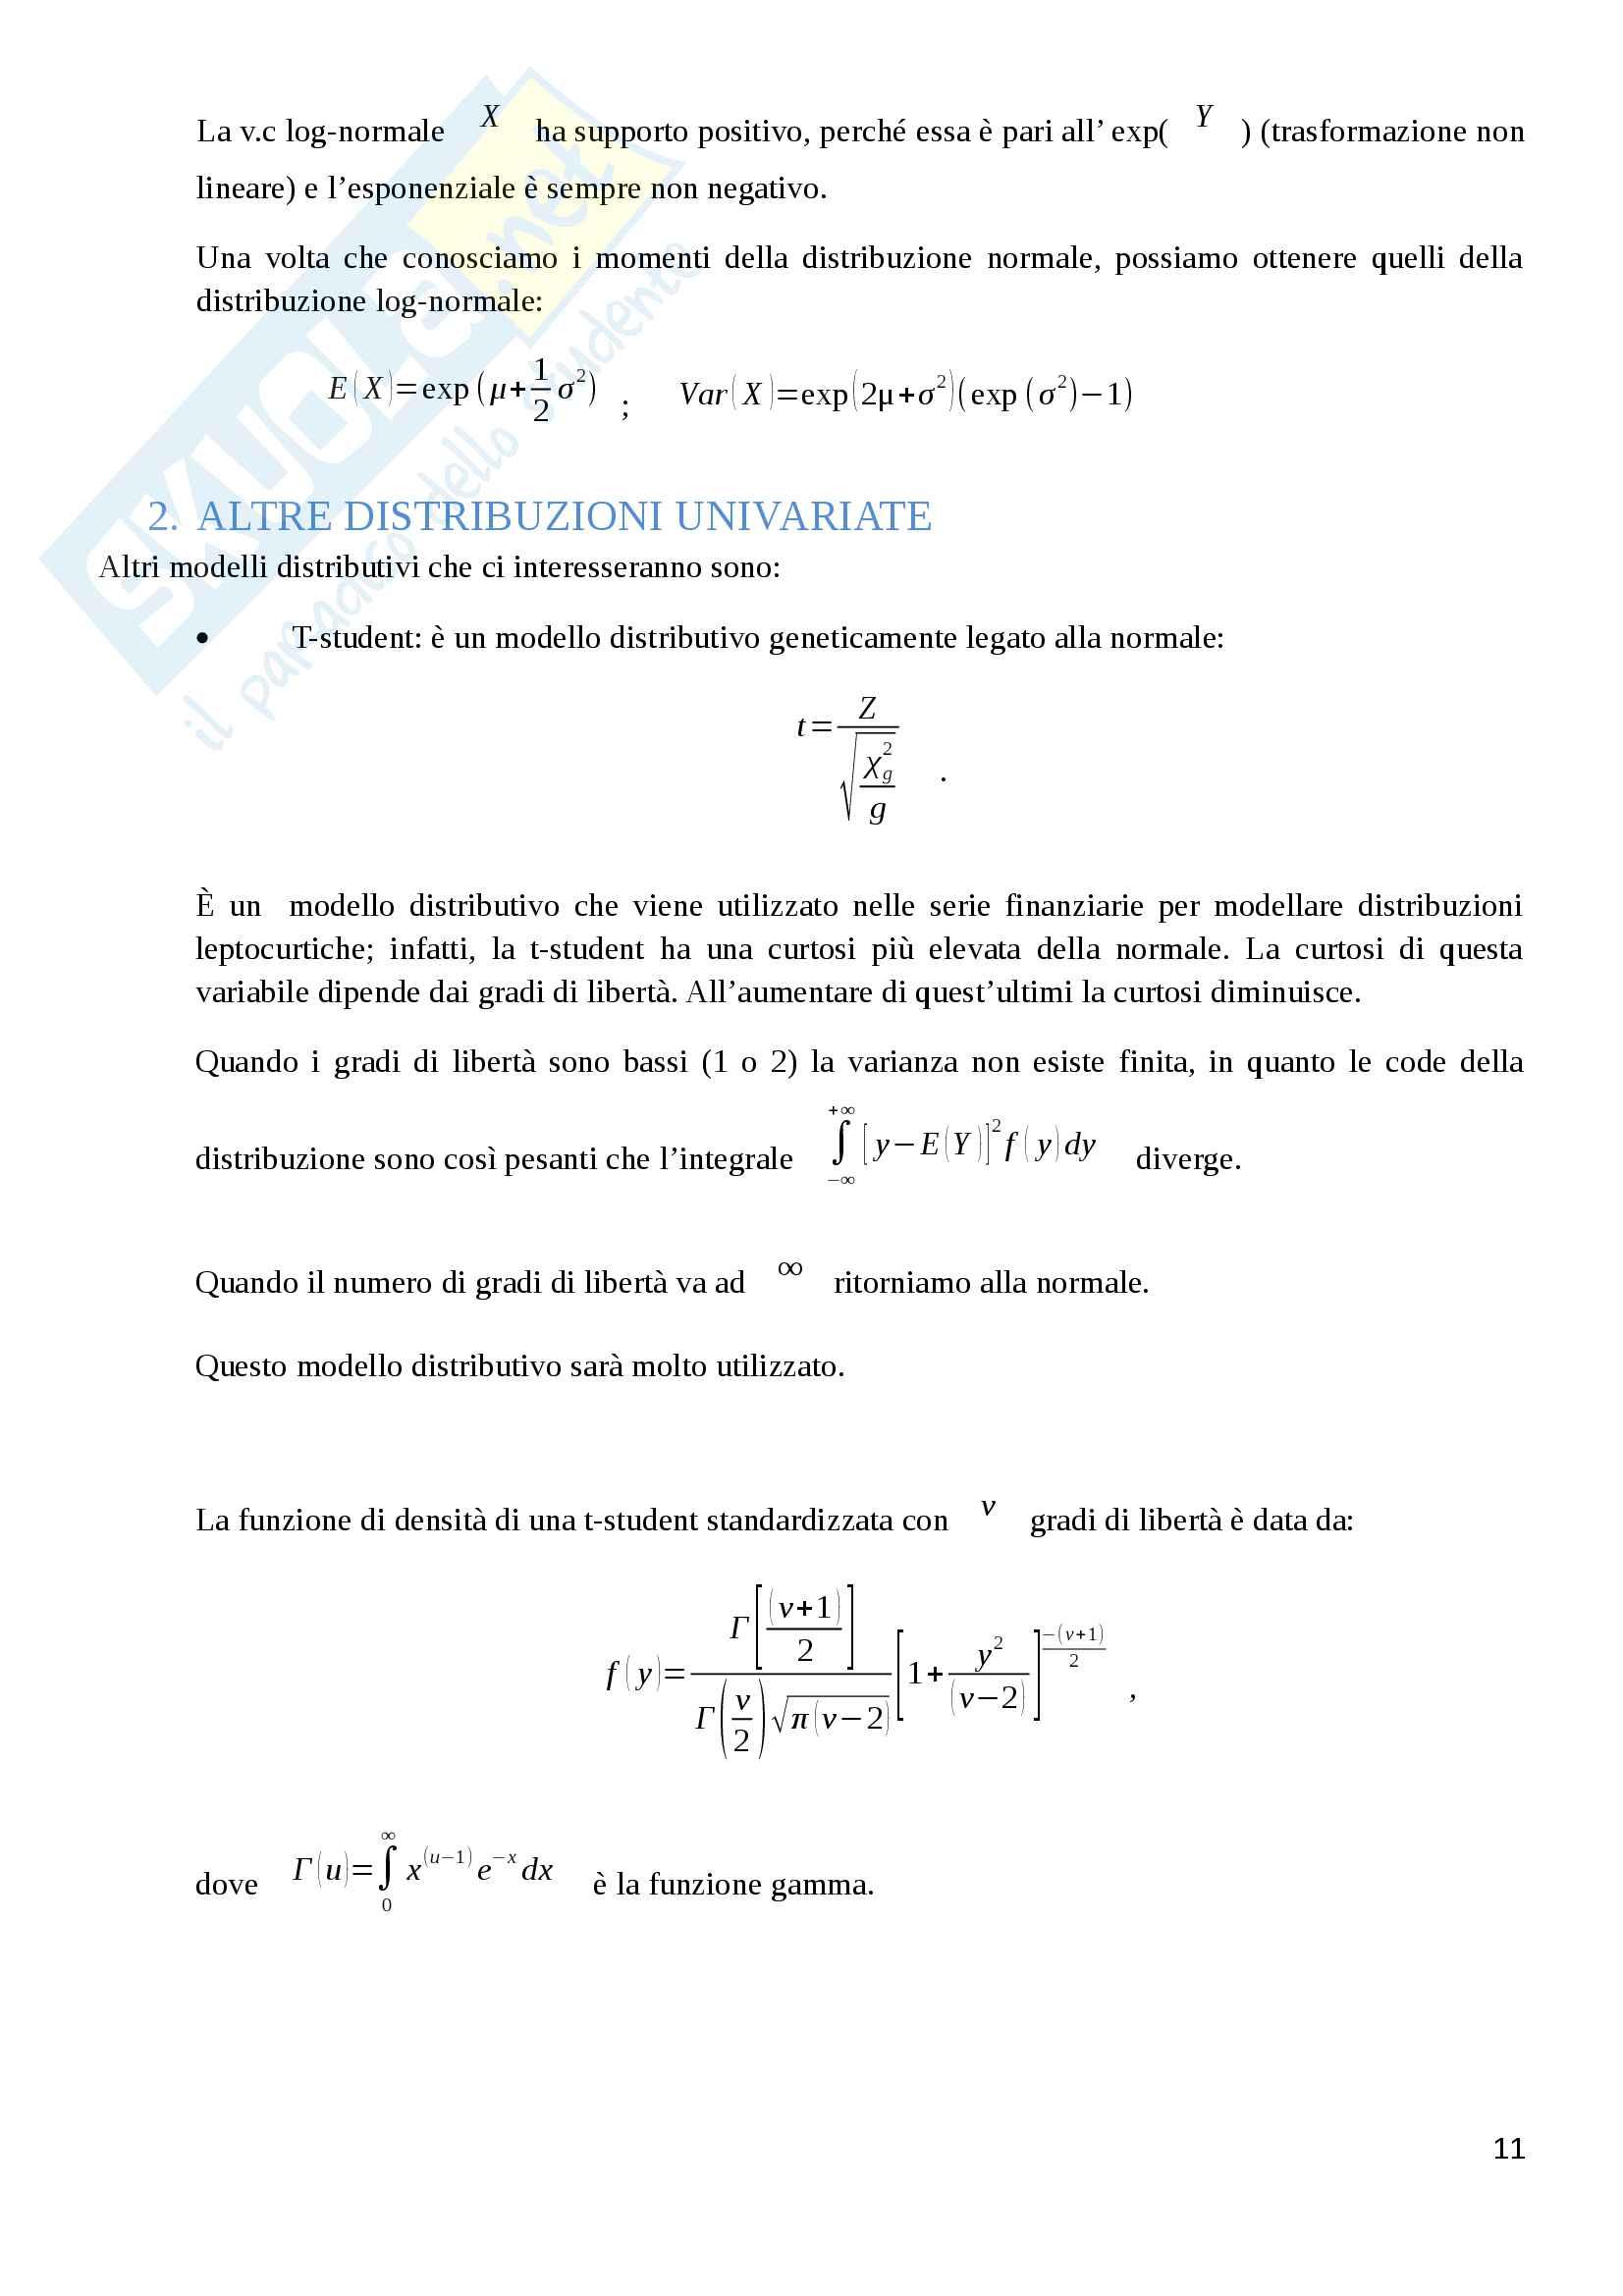 Appunti Finanza Quantitativa Pag. 11